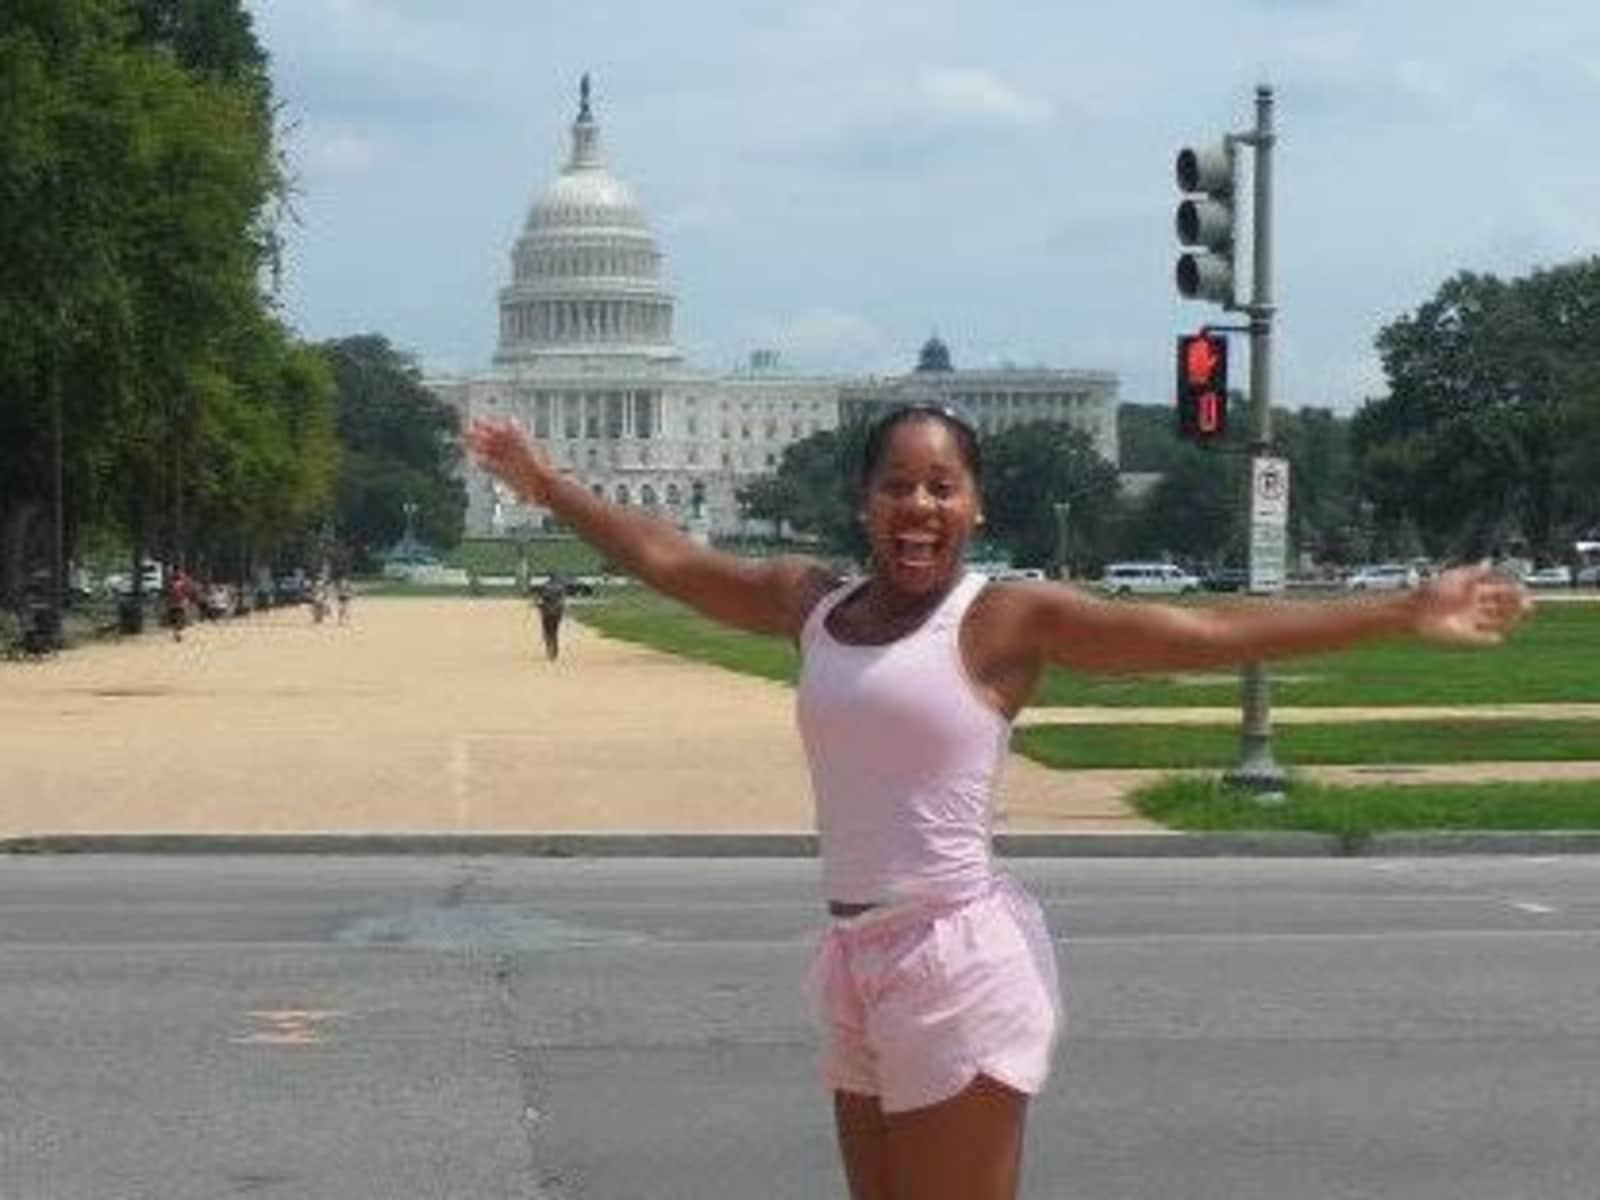 Dafina from Washington, D.C., Washington, D.C., United States